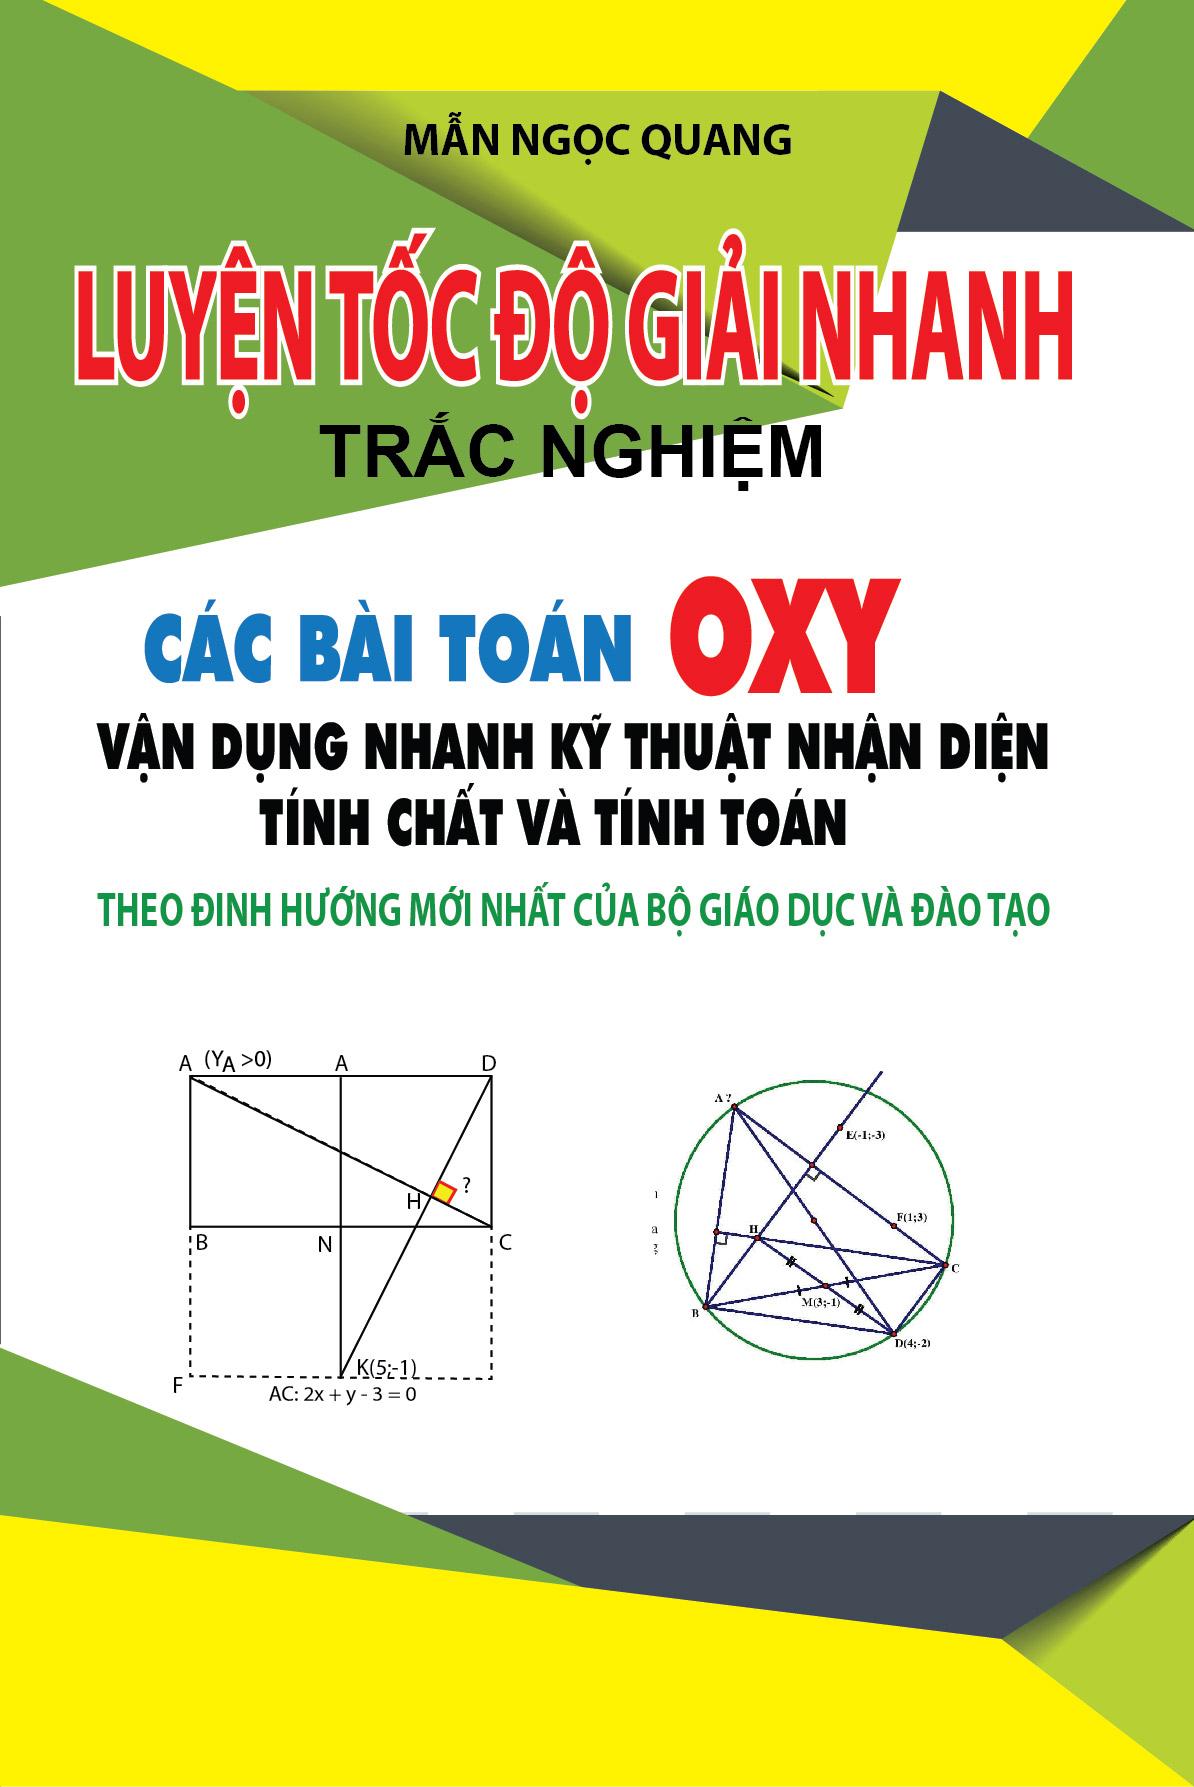 Luyện Tốc Độ Giải Nhanh Trắc Nghiệm Các Bài Toán OXY - EBOOK/PDF/PRC/EPUB